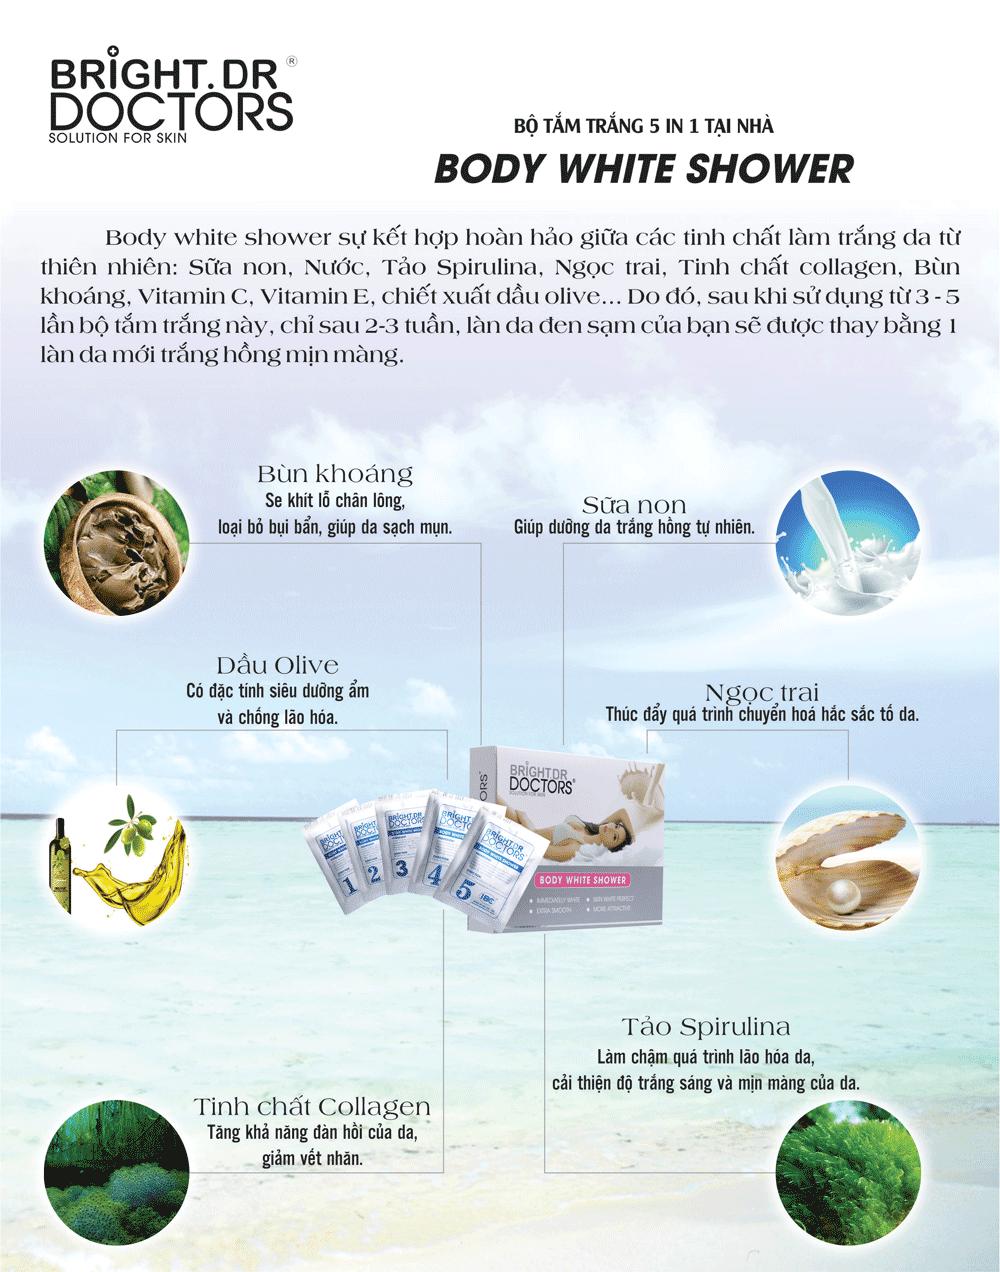 Kem tắm trắng Bright Doctors 5 trong 1